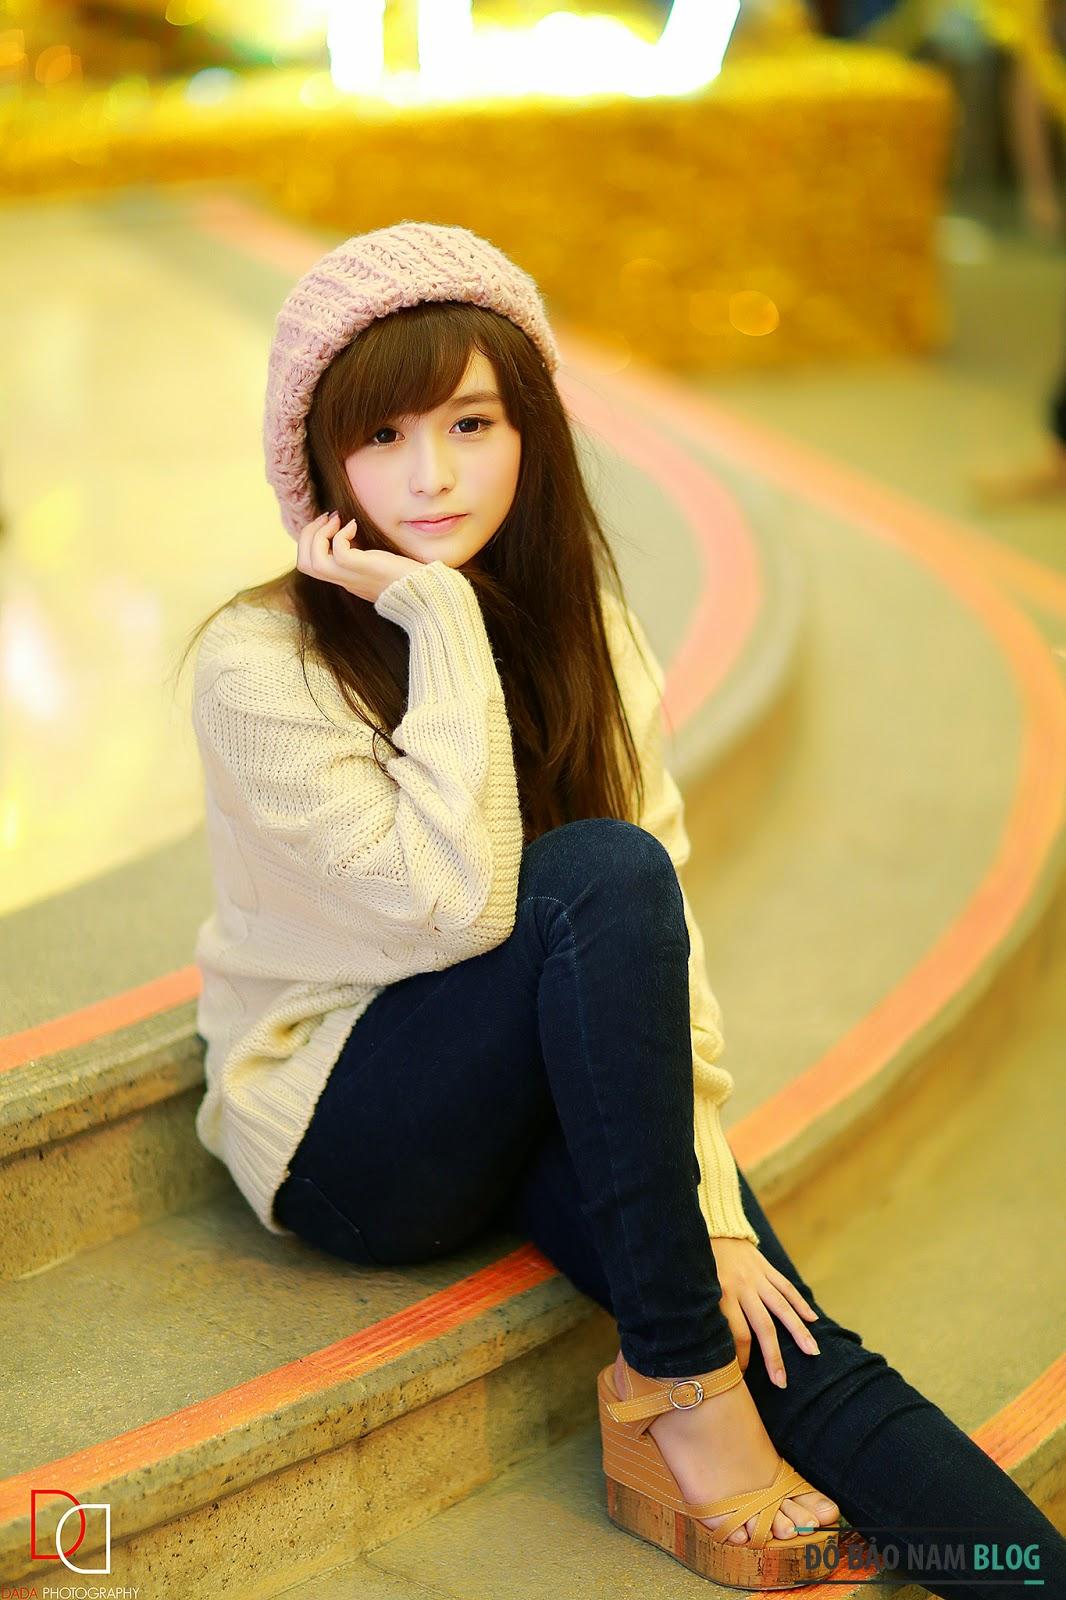 Ảnh đẹp girl xinh mới nhất 2014 được tuyển chọn 06